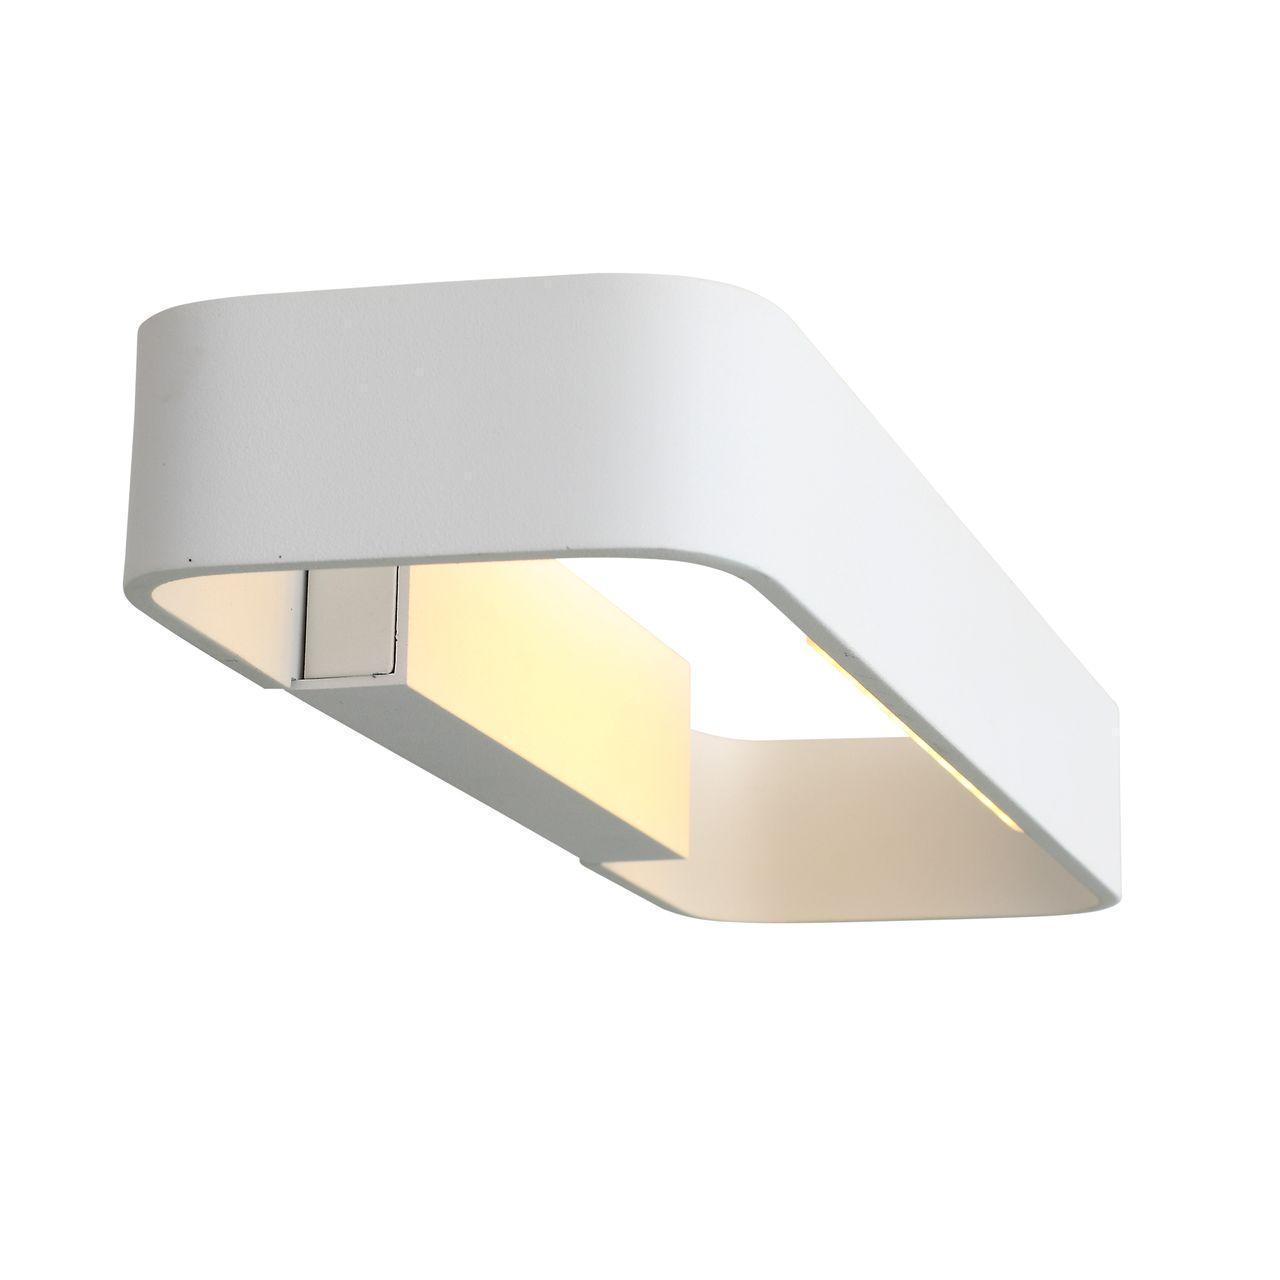 Настенный светодиодный светильник ST Luce Listelli SL454.501.01